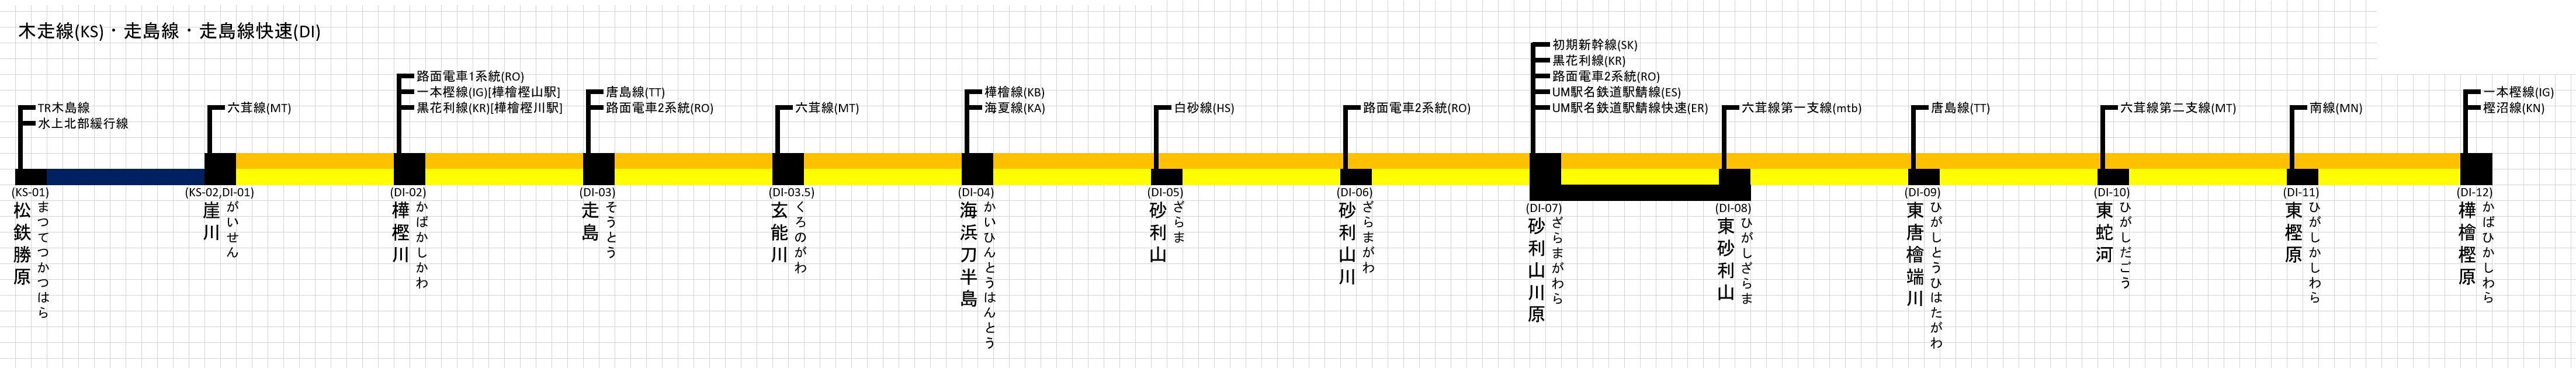 木走_1.png